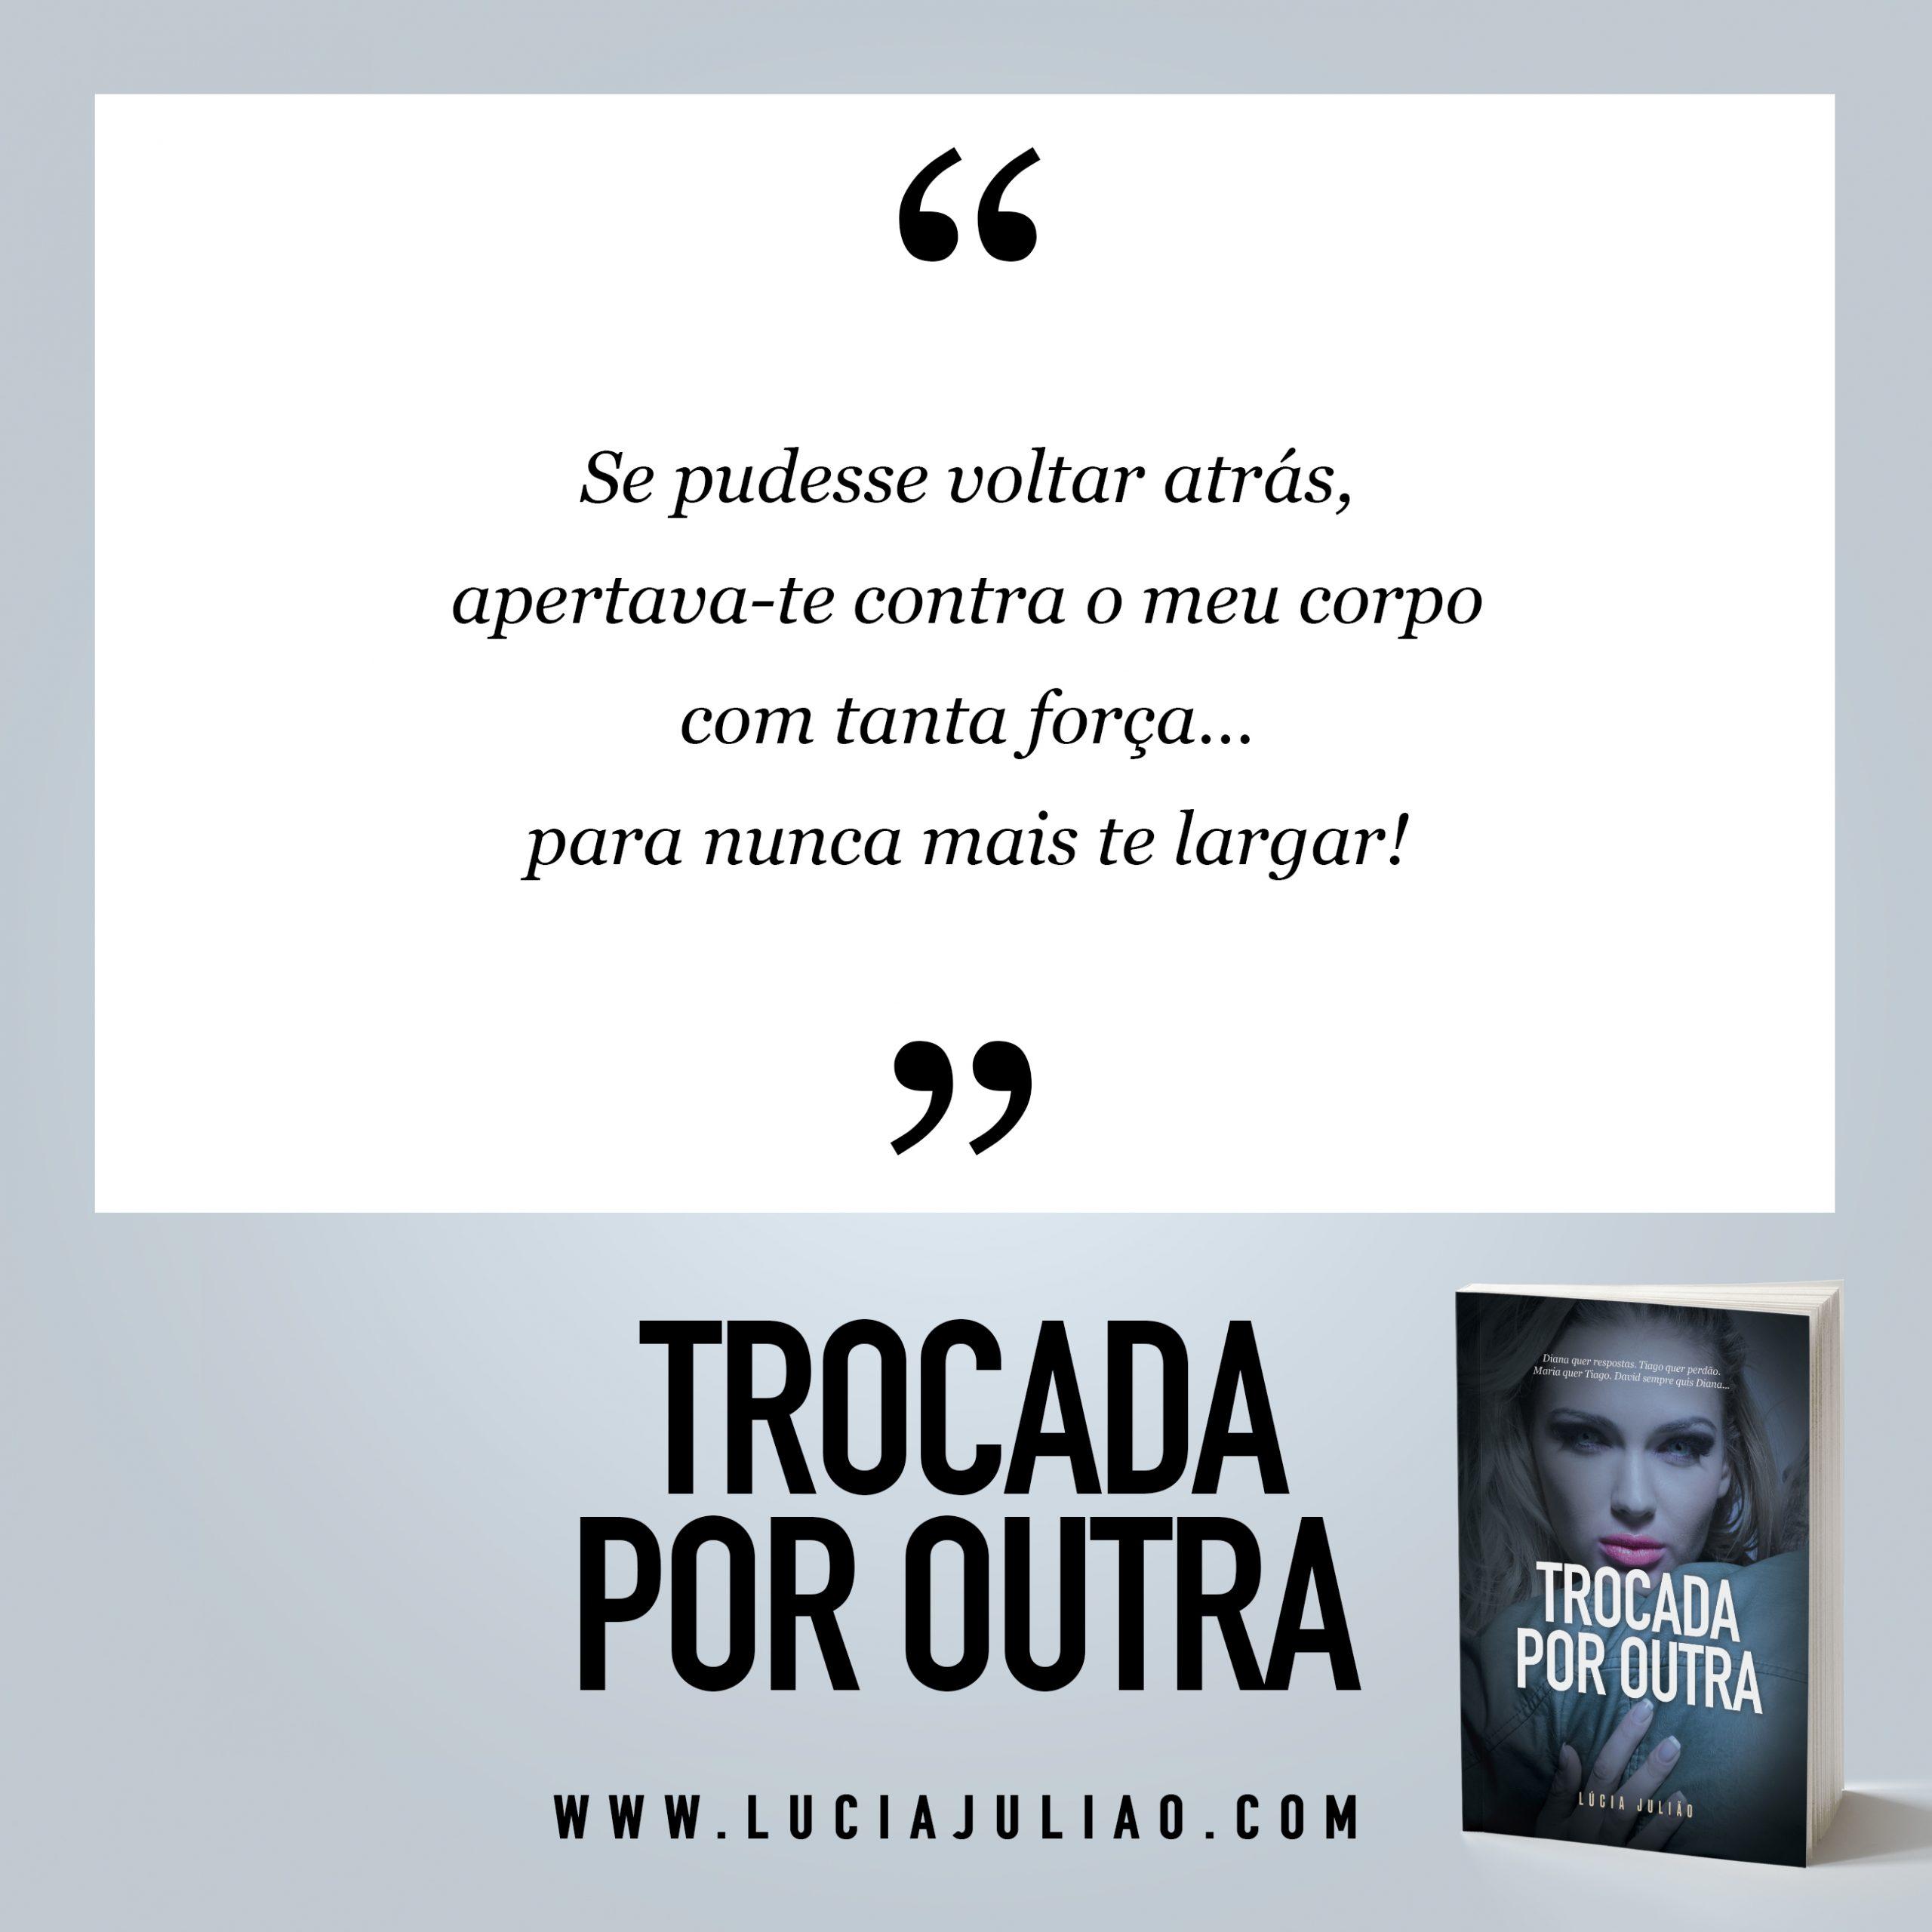 039Q - capitulo 11 Trocada por outra - Lúcia Julião